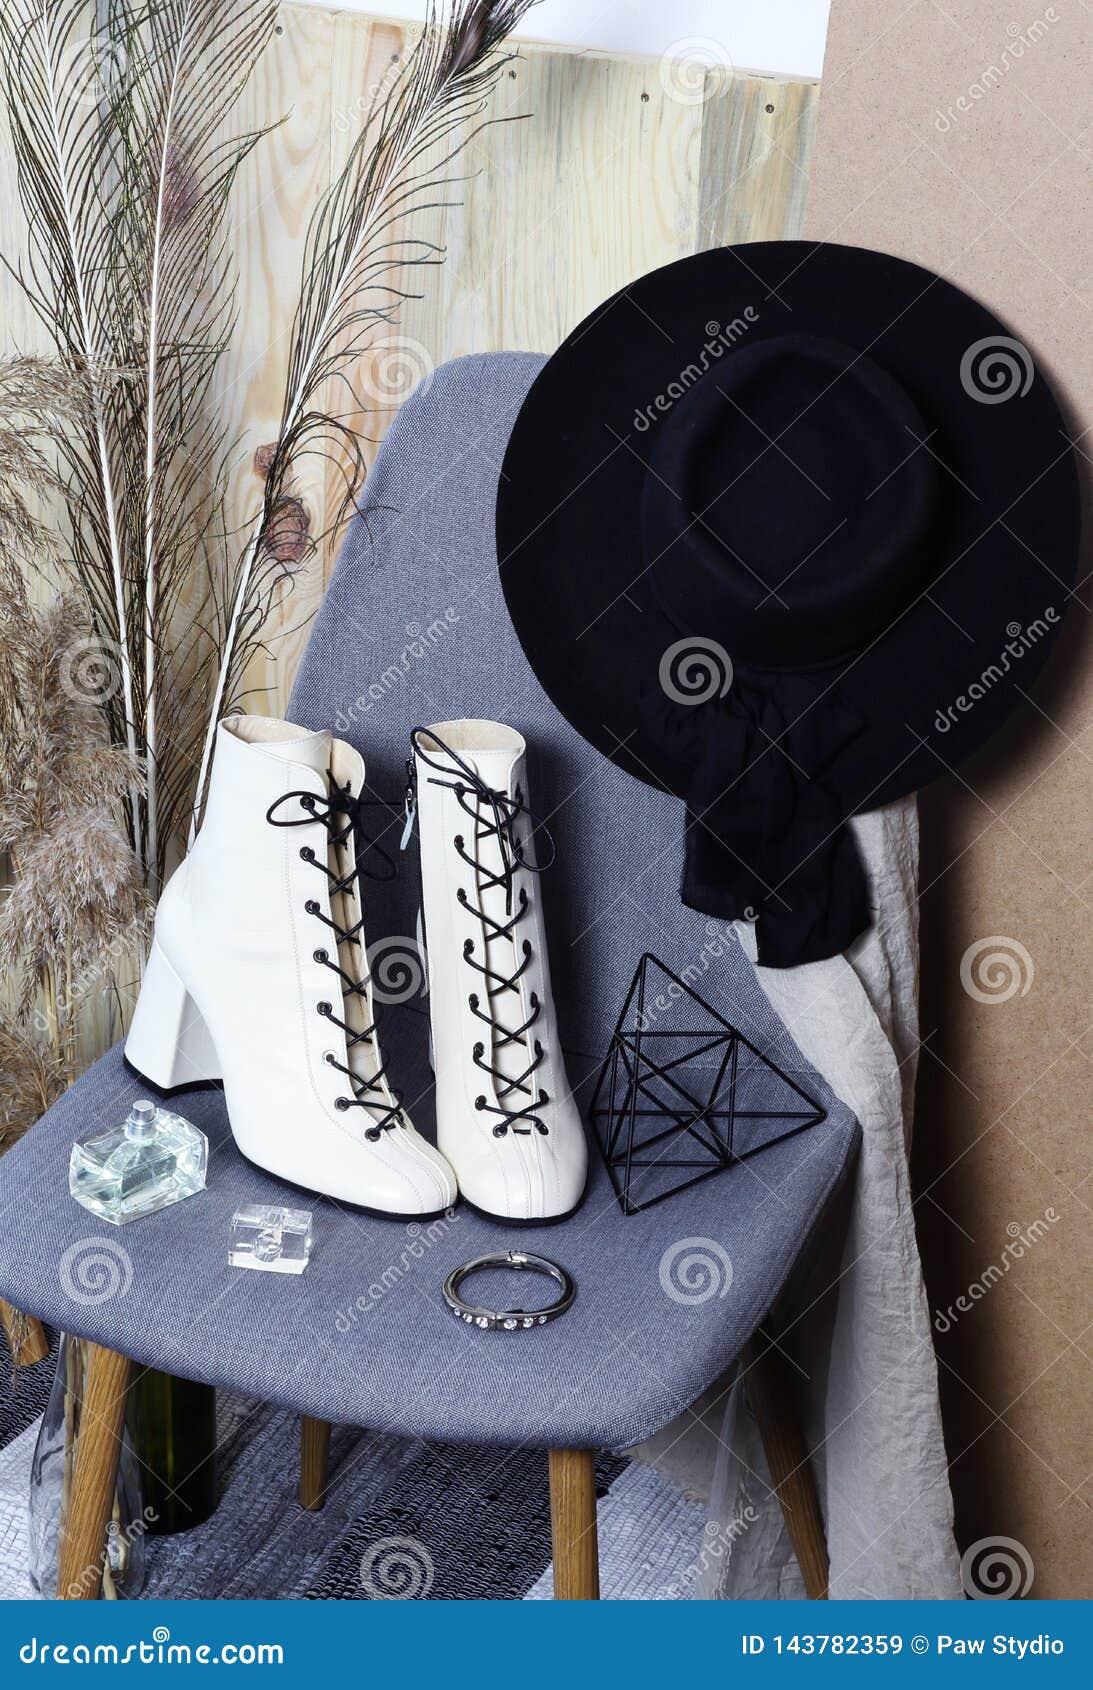 Stiefel der weißen Frauen der Mode und schwarzer Hut auf dem Stuhl